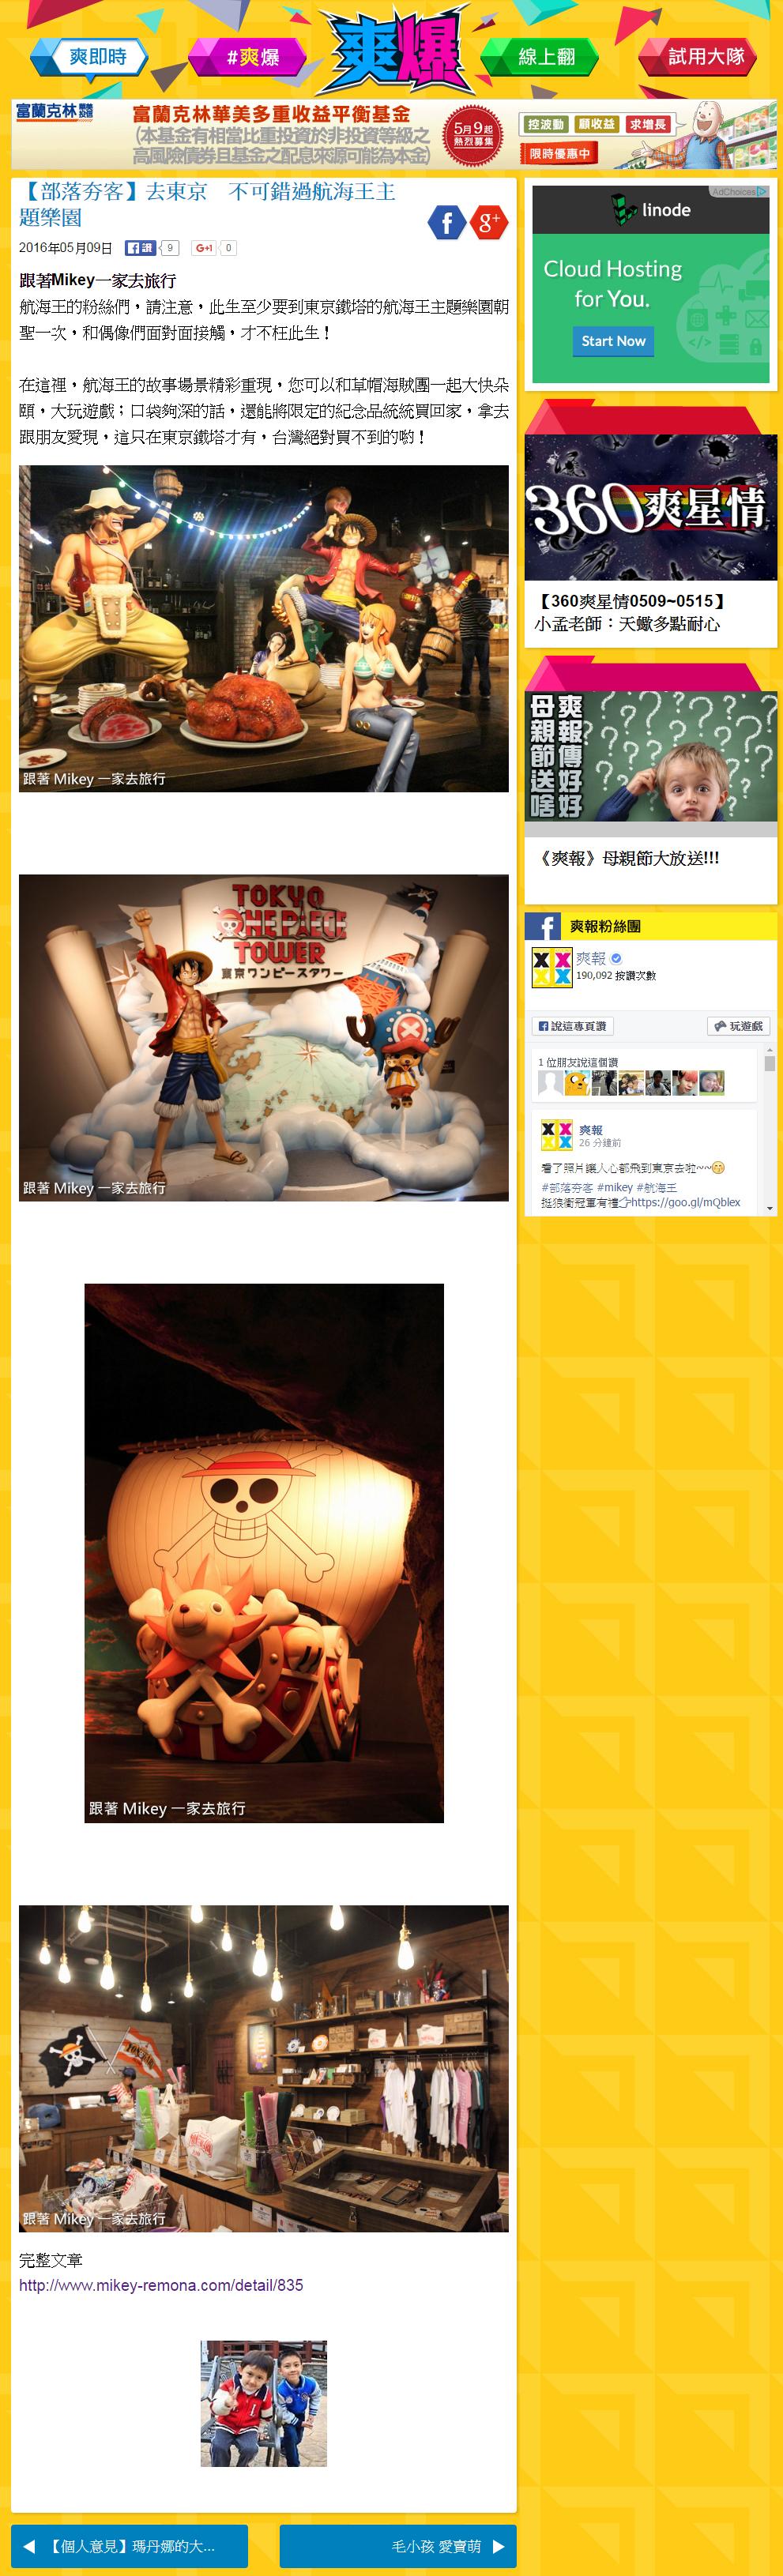 跟著 Mikey 一家去旅行 - 【 媒體露出 】爽報 - 部落夯客 - 『 去東京 不可錯過航海王主題樂園 』